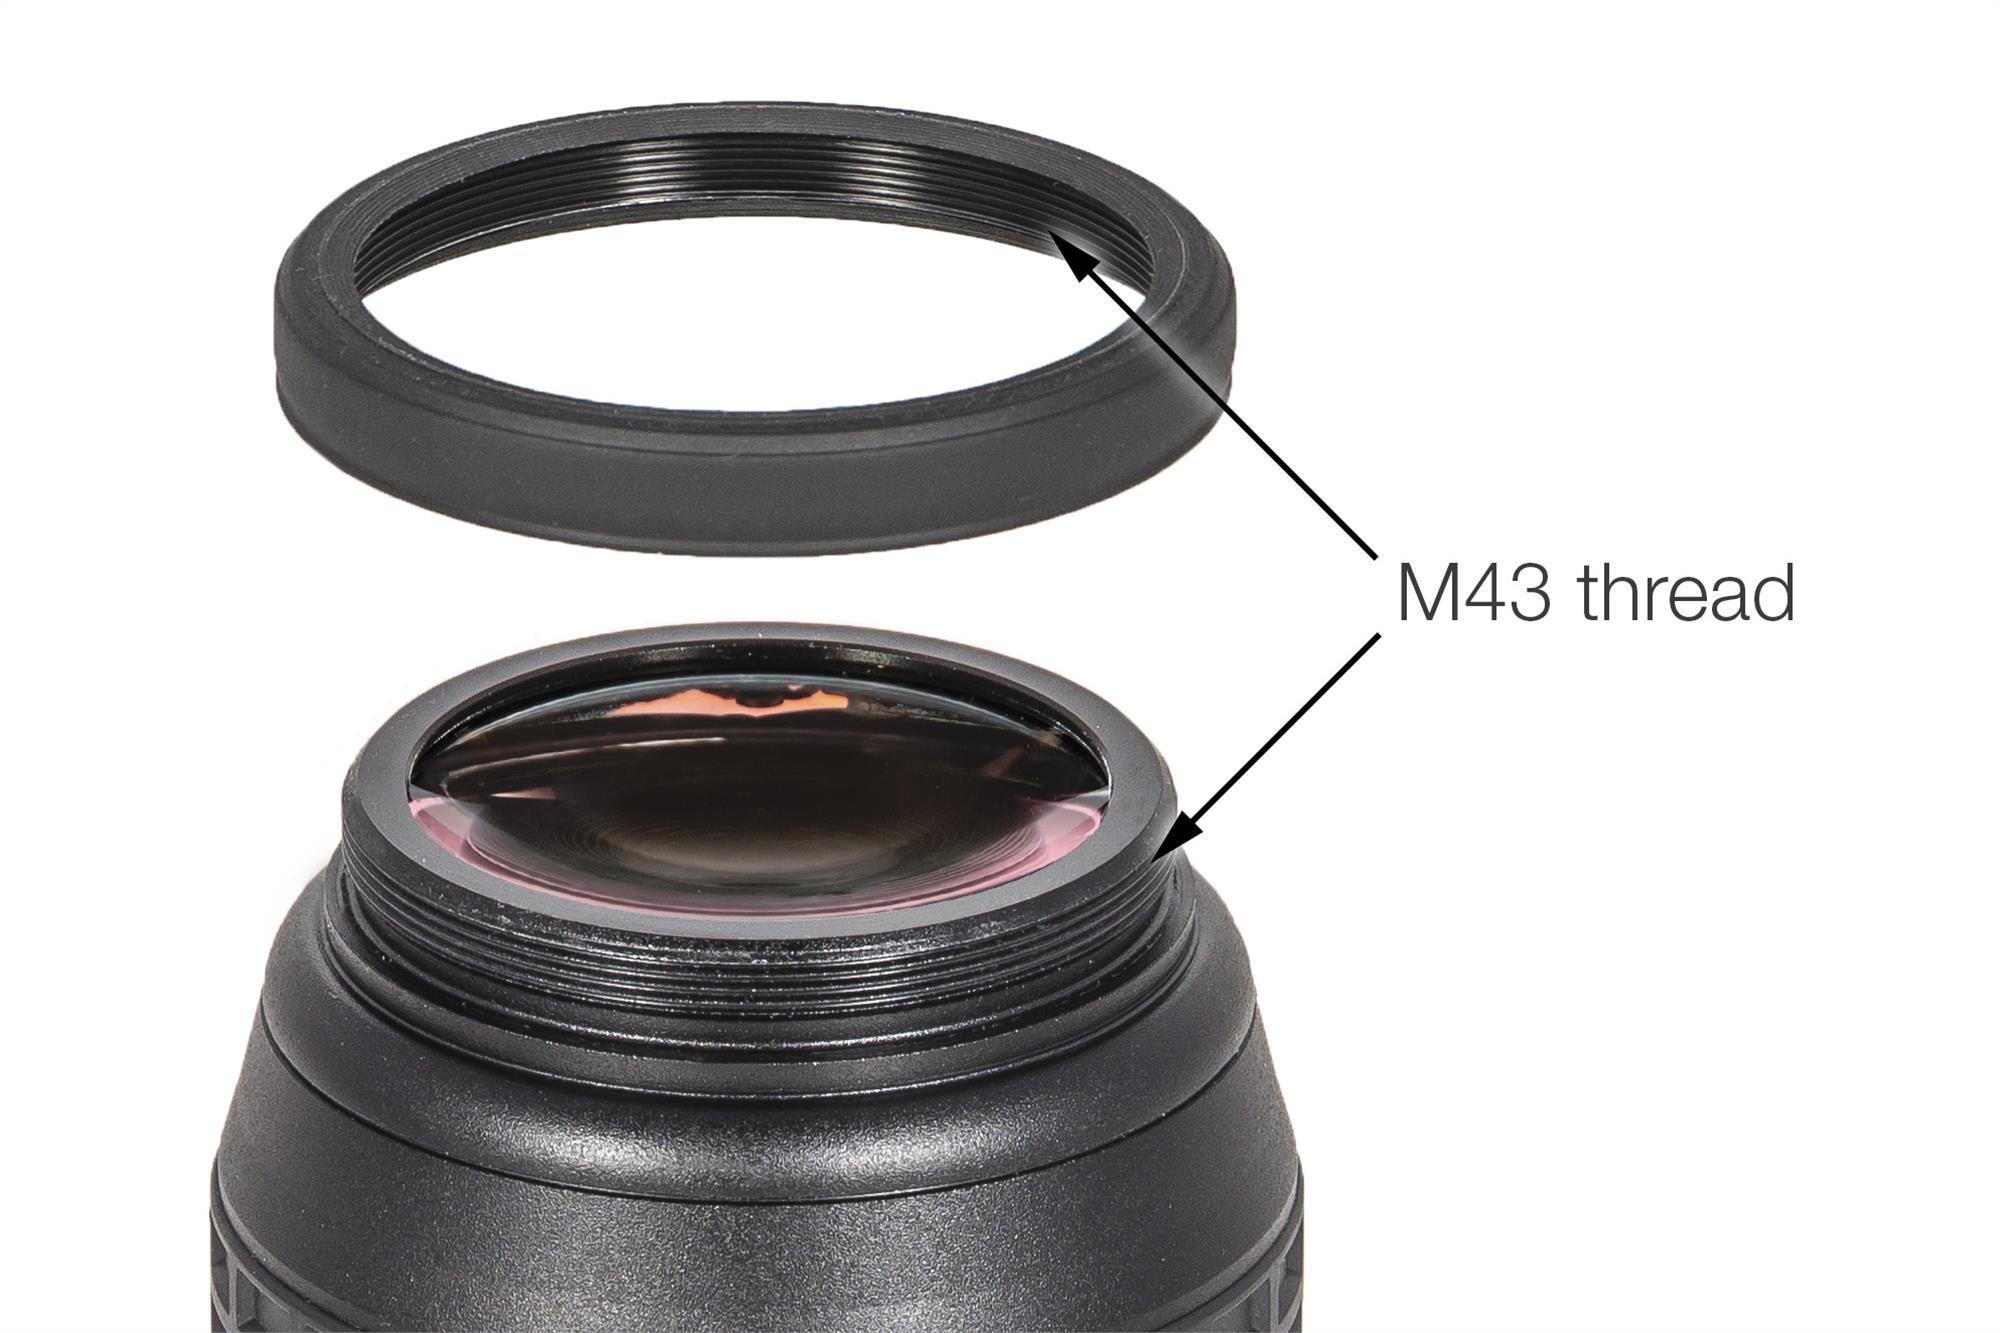 M43 Verlängerung (M43/M43) zur Augenabstand-Verlängerung oder den Kamera-Anschluss